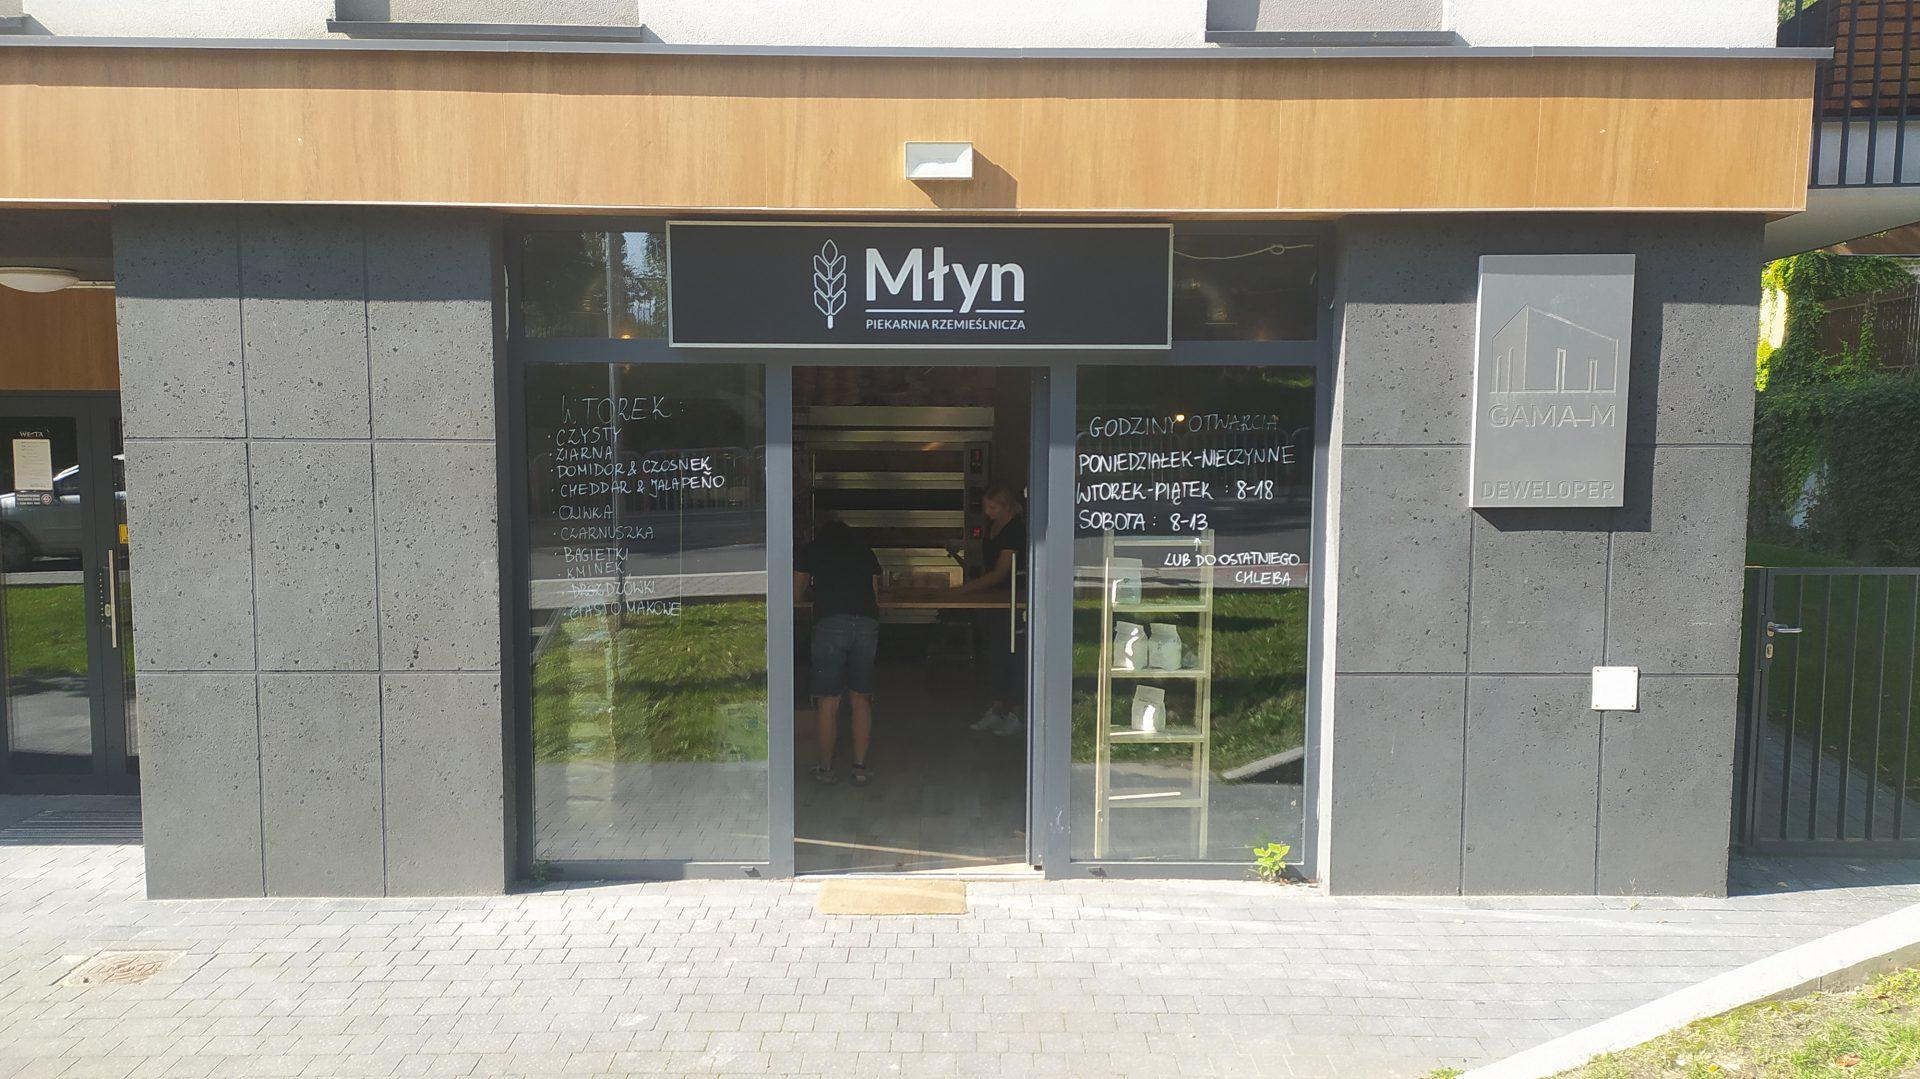 Piekarnia Rzemieślnicza Młyn Azory Kraków